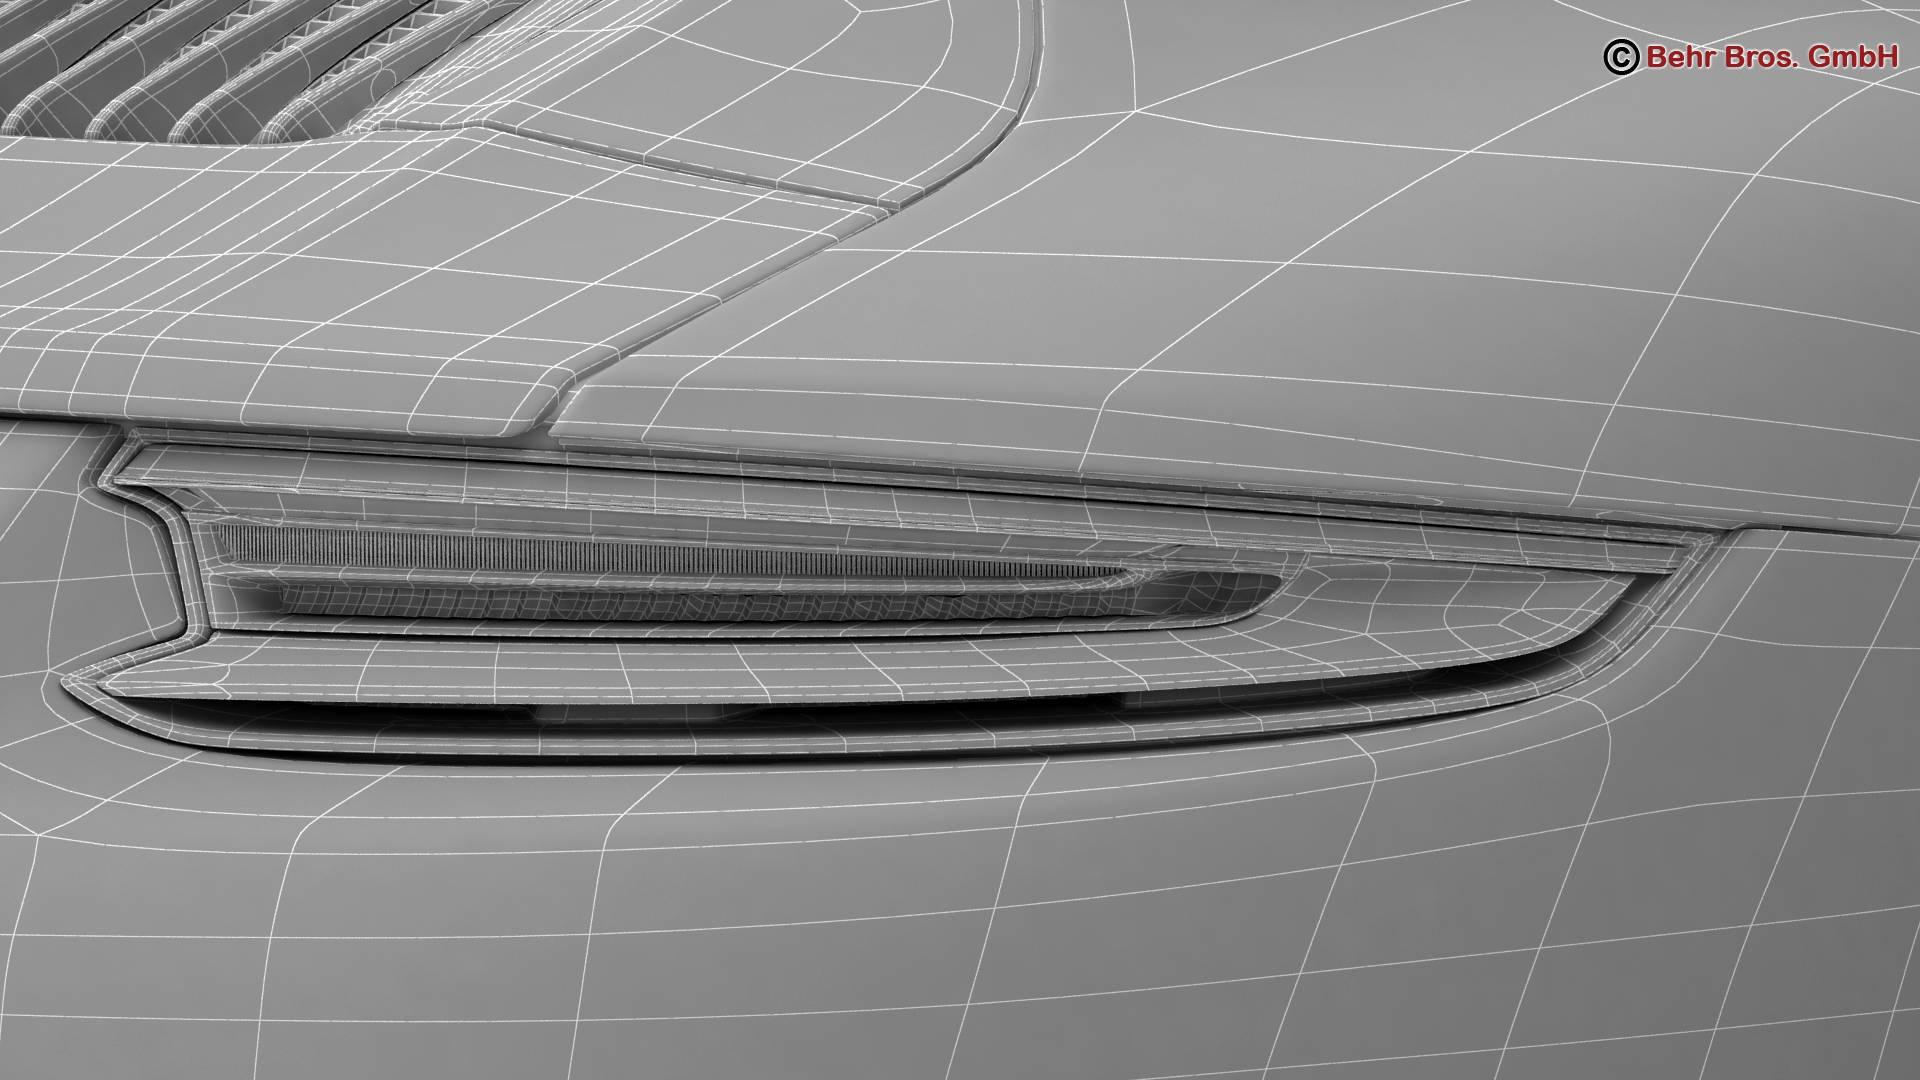 porsche 911 carrera 2017 3d model 3ds max fbx c4d lwo ma mb obj 217300